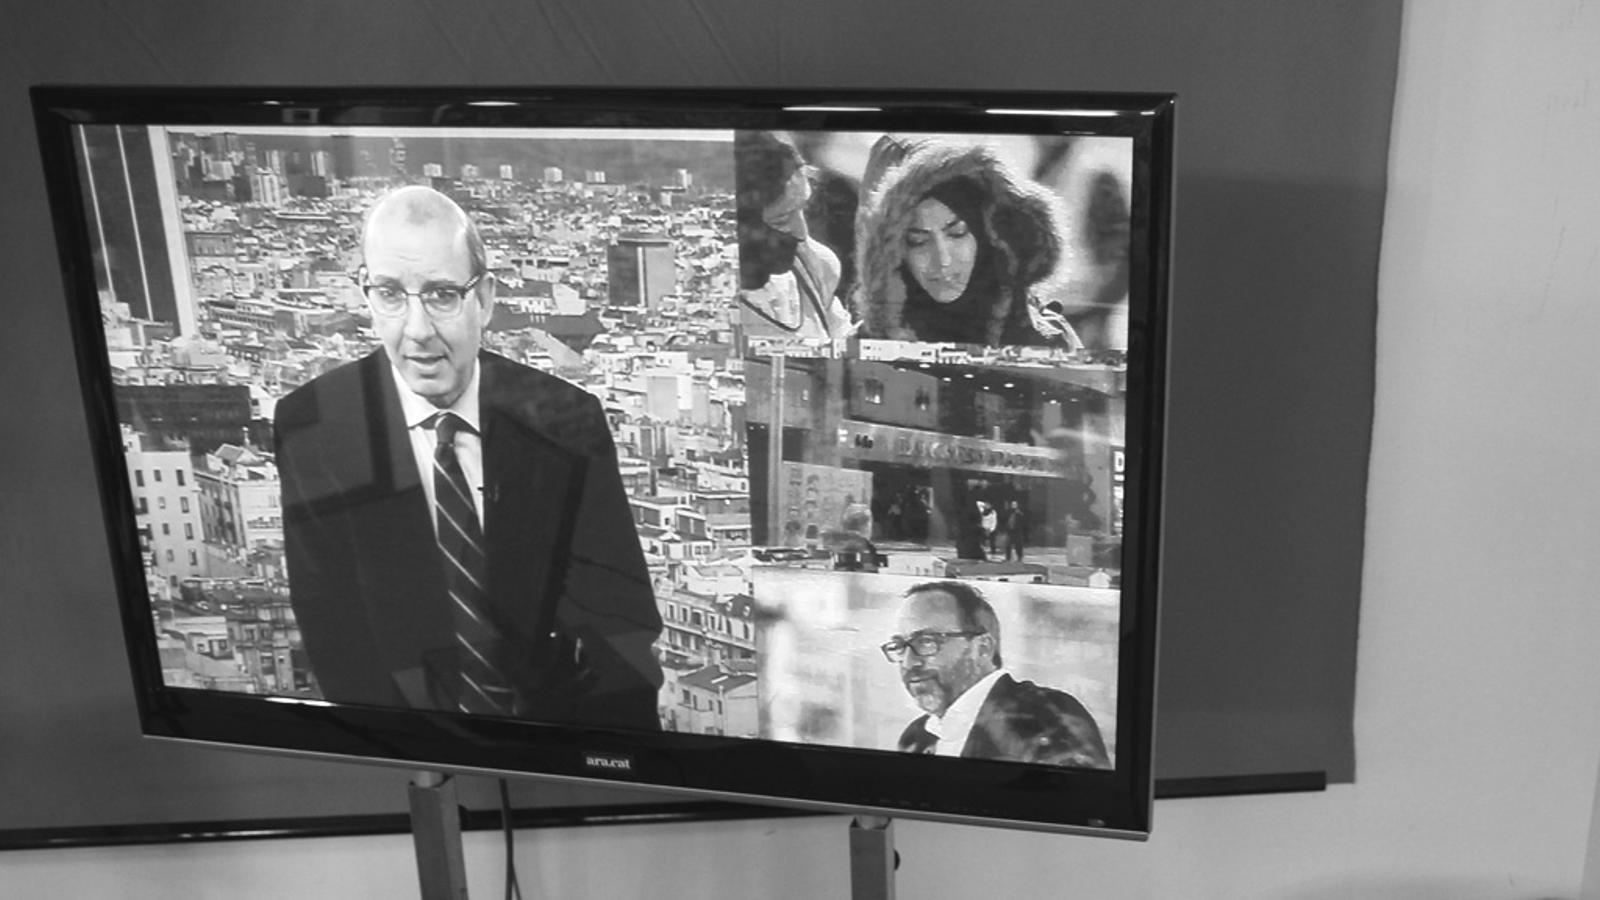 L'Editorial d'Antoni Bassas: 'Degollar, blanquejar i espiar al segle XXI' (11/03/15)